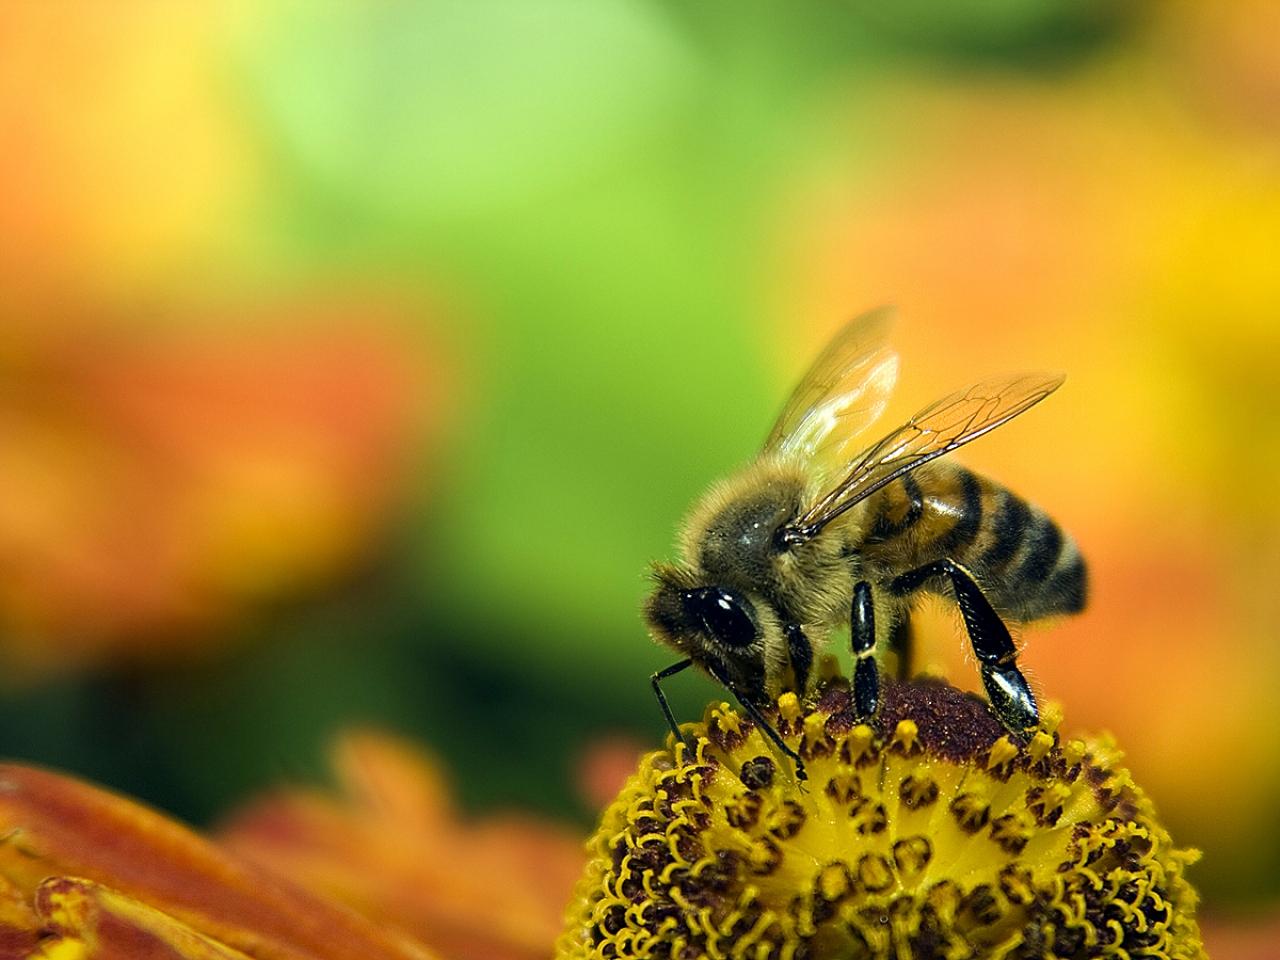 Una abeja en las flores - 1280x960